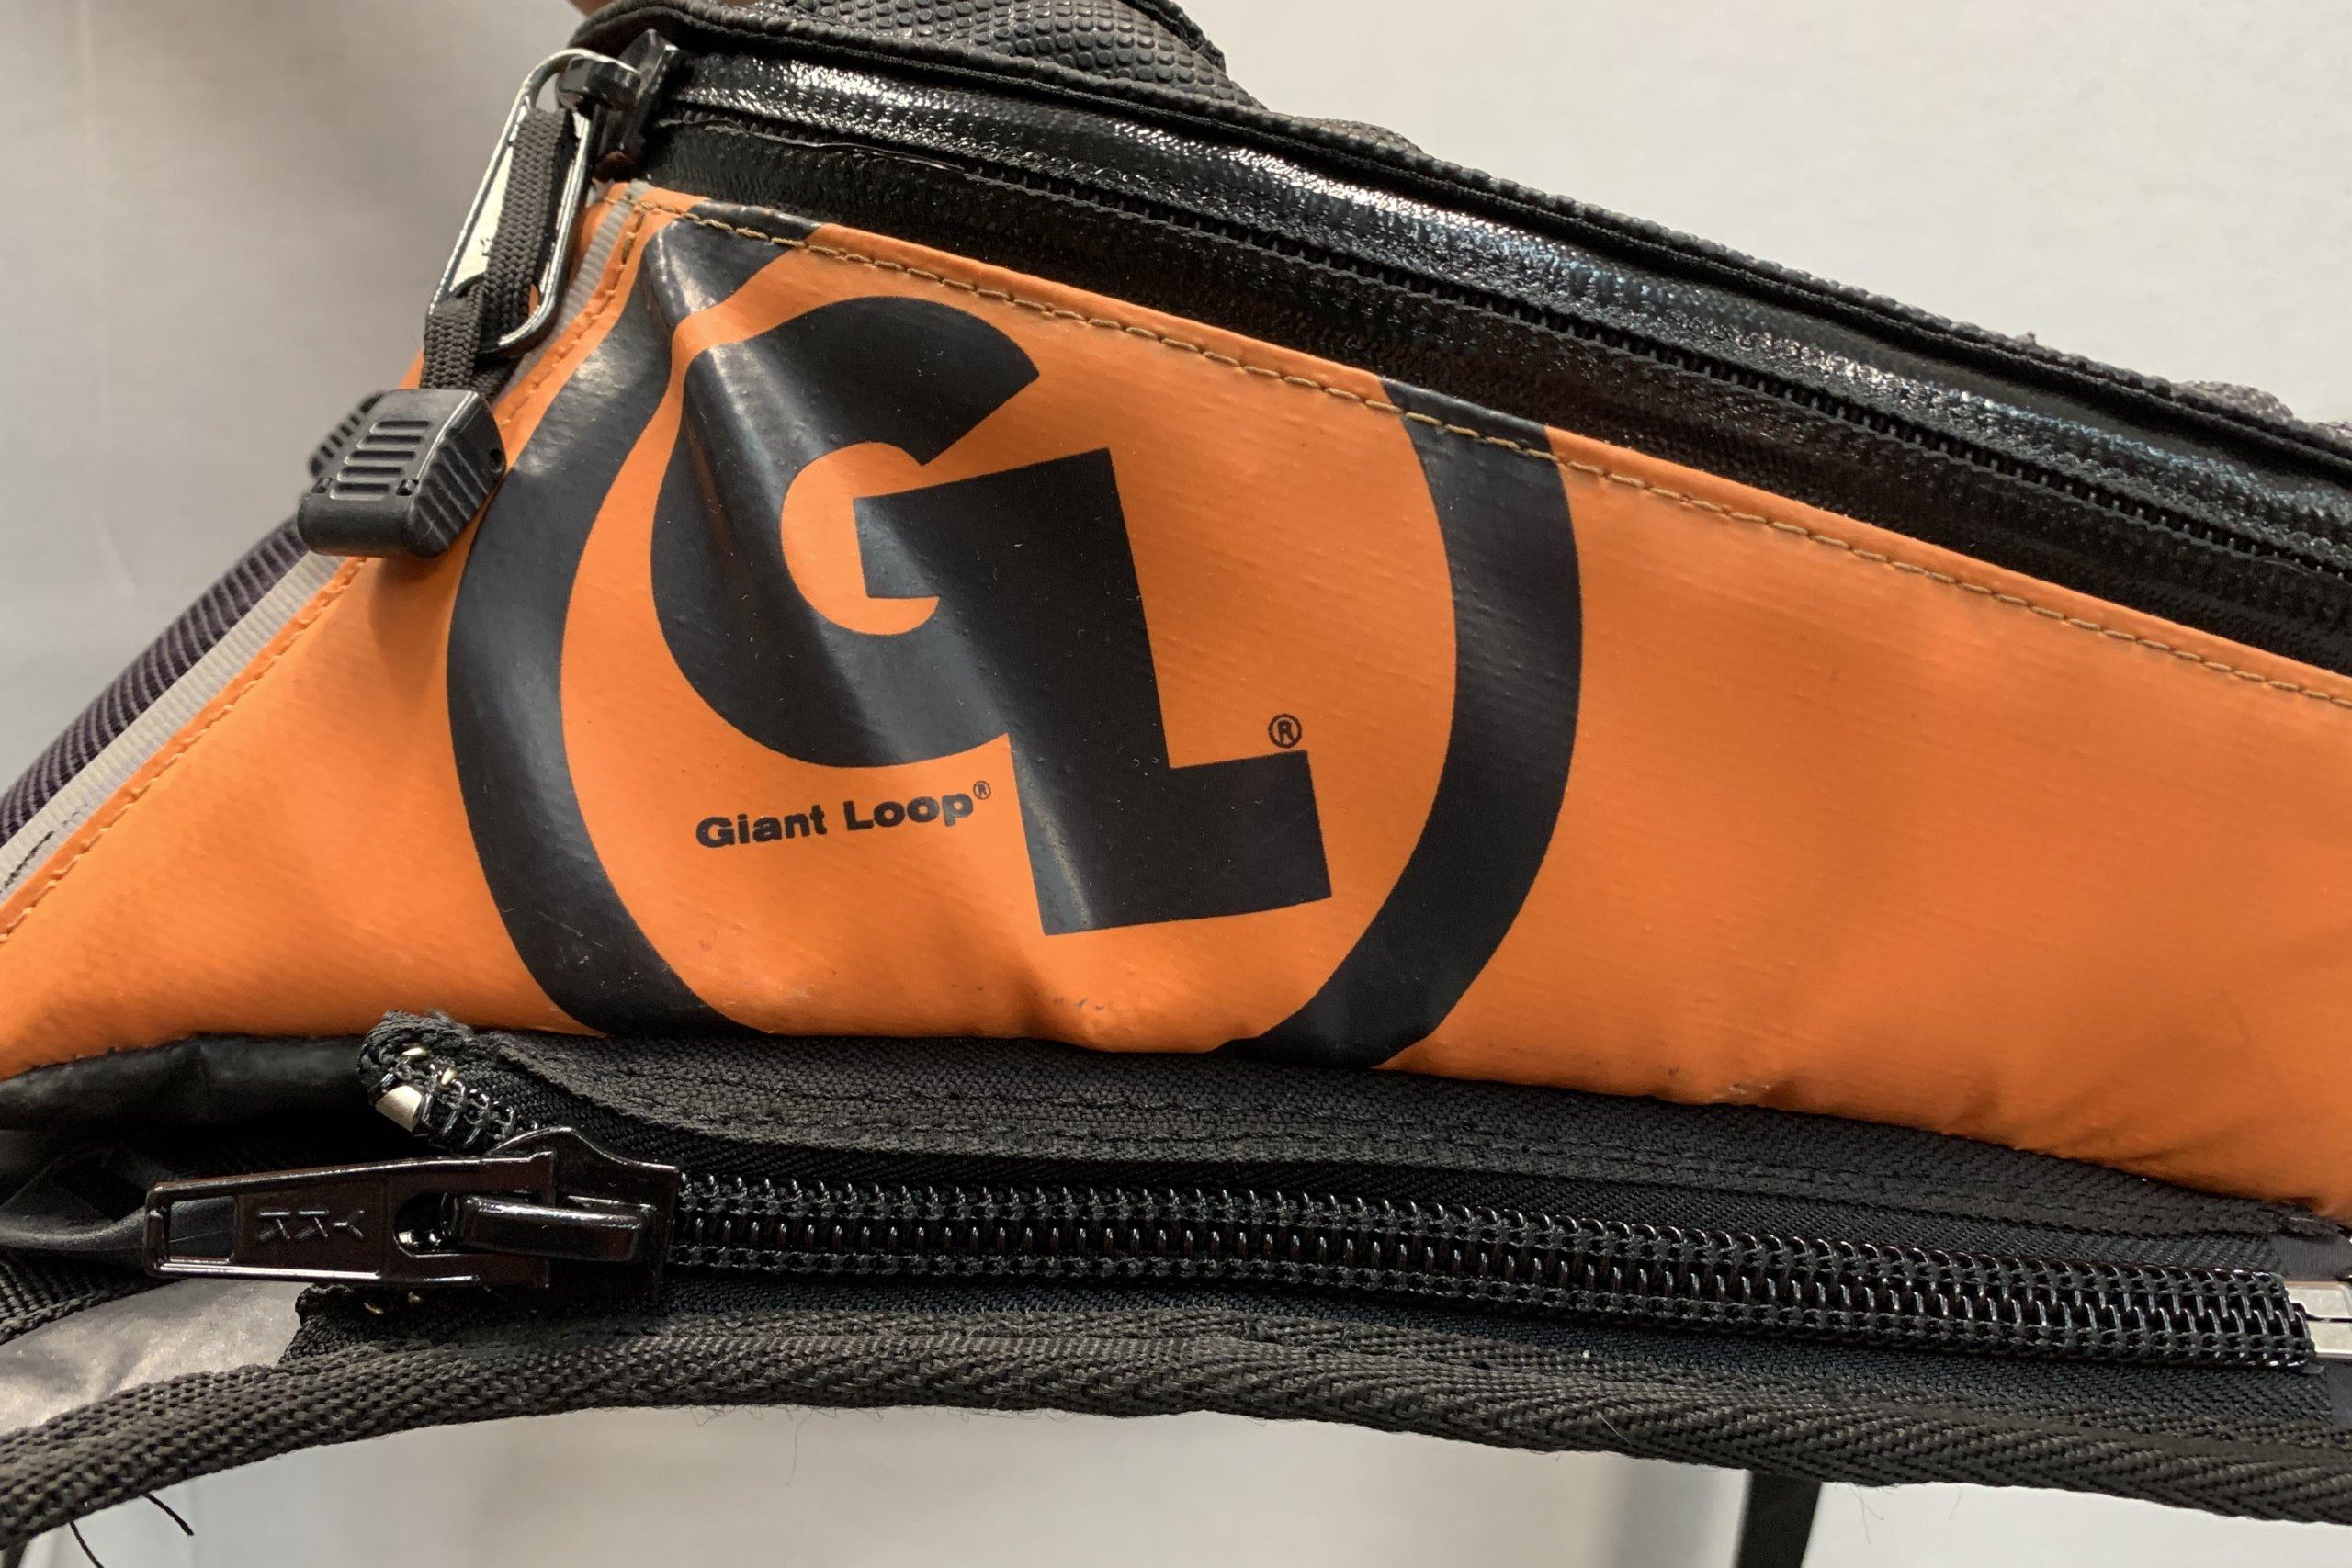 Giant Loop bag